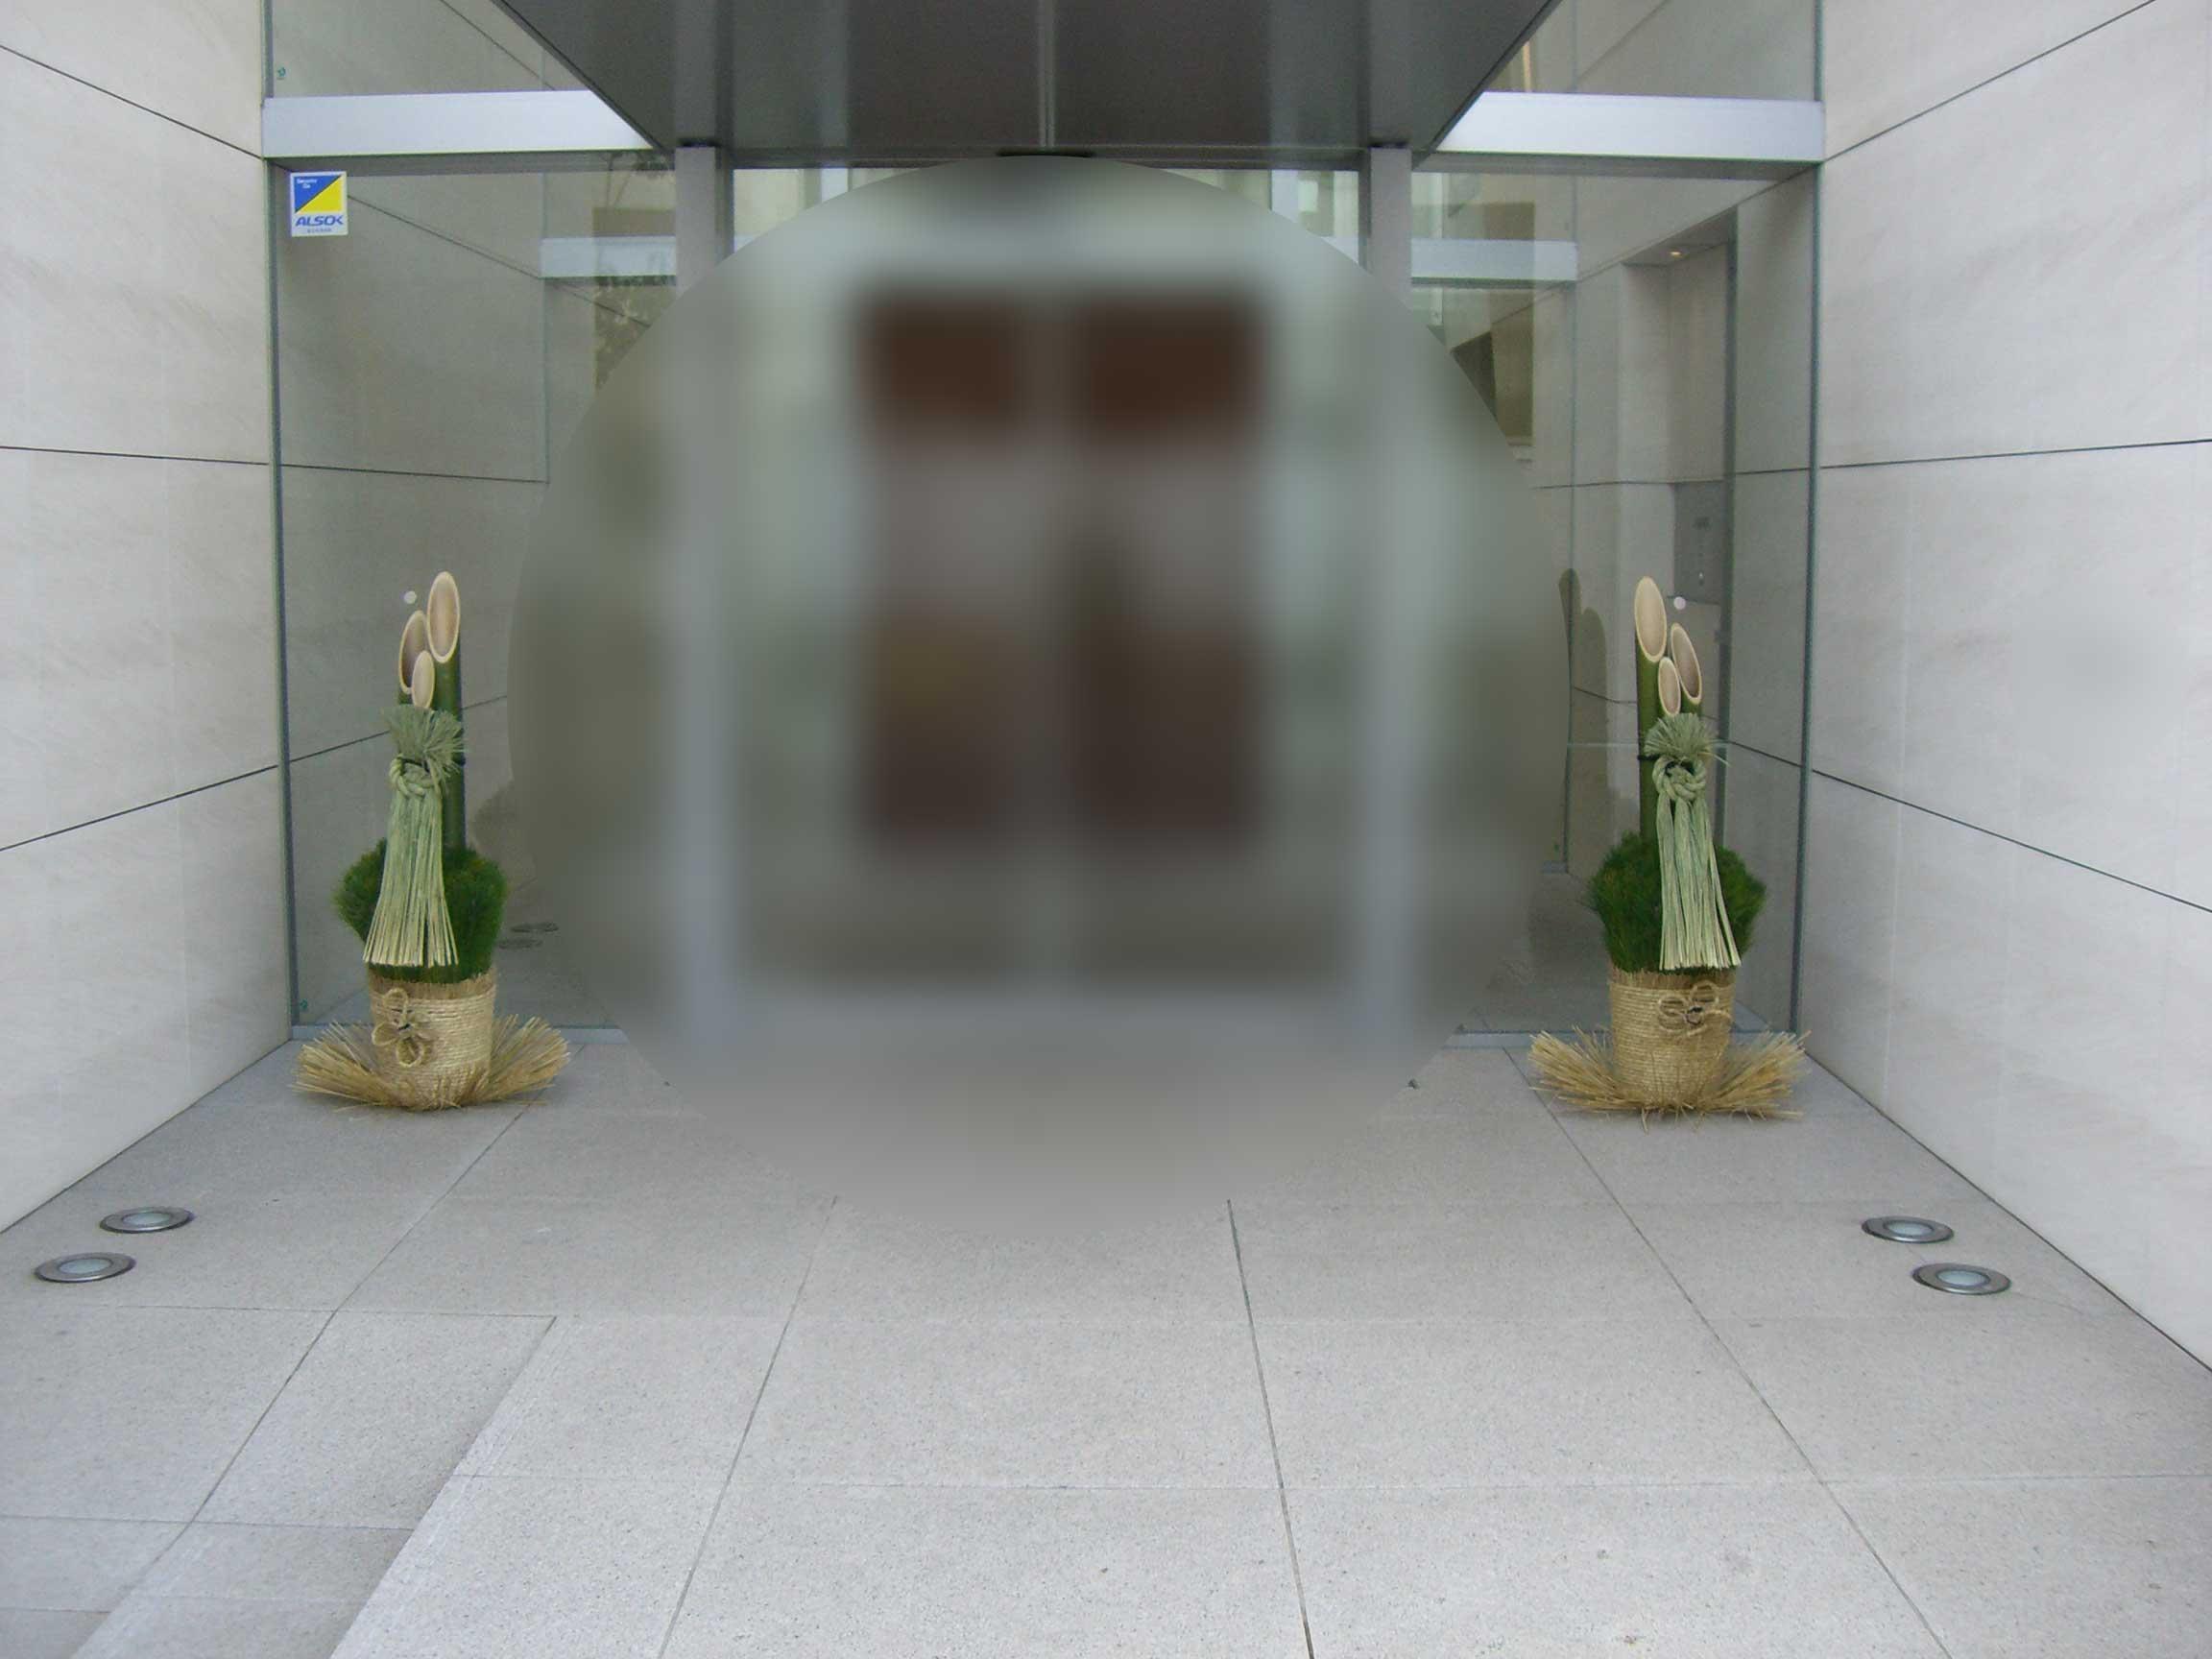 門松 120cm 通常輪飾り画像